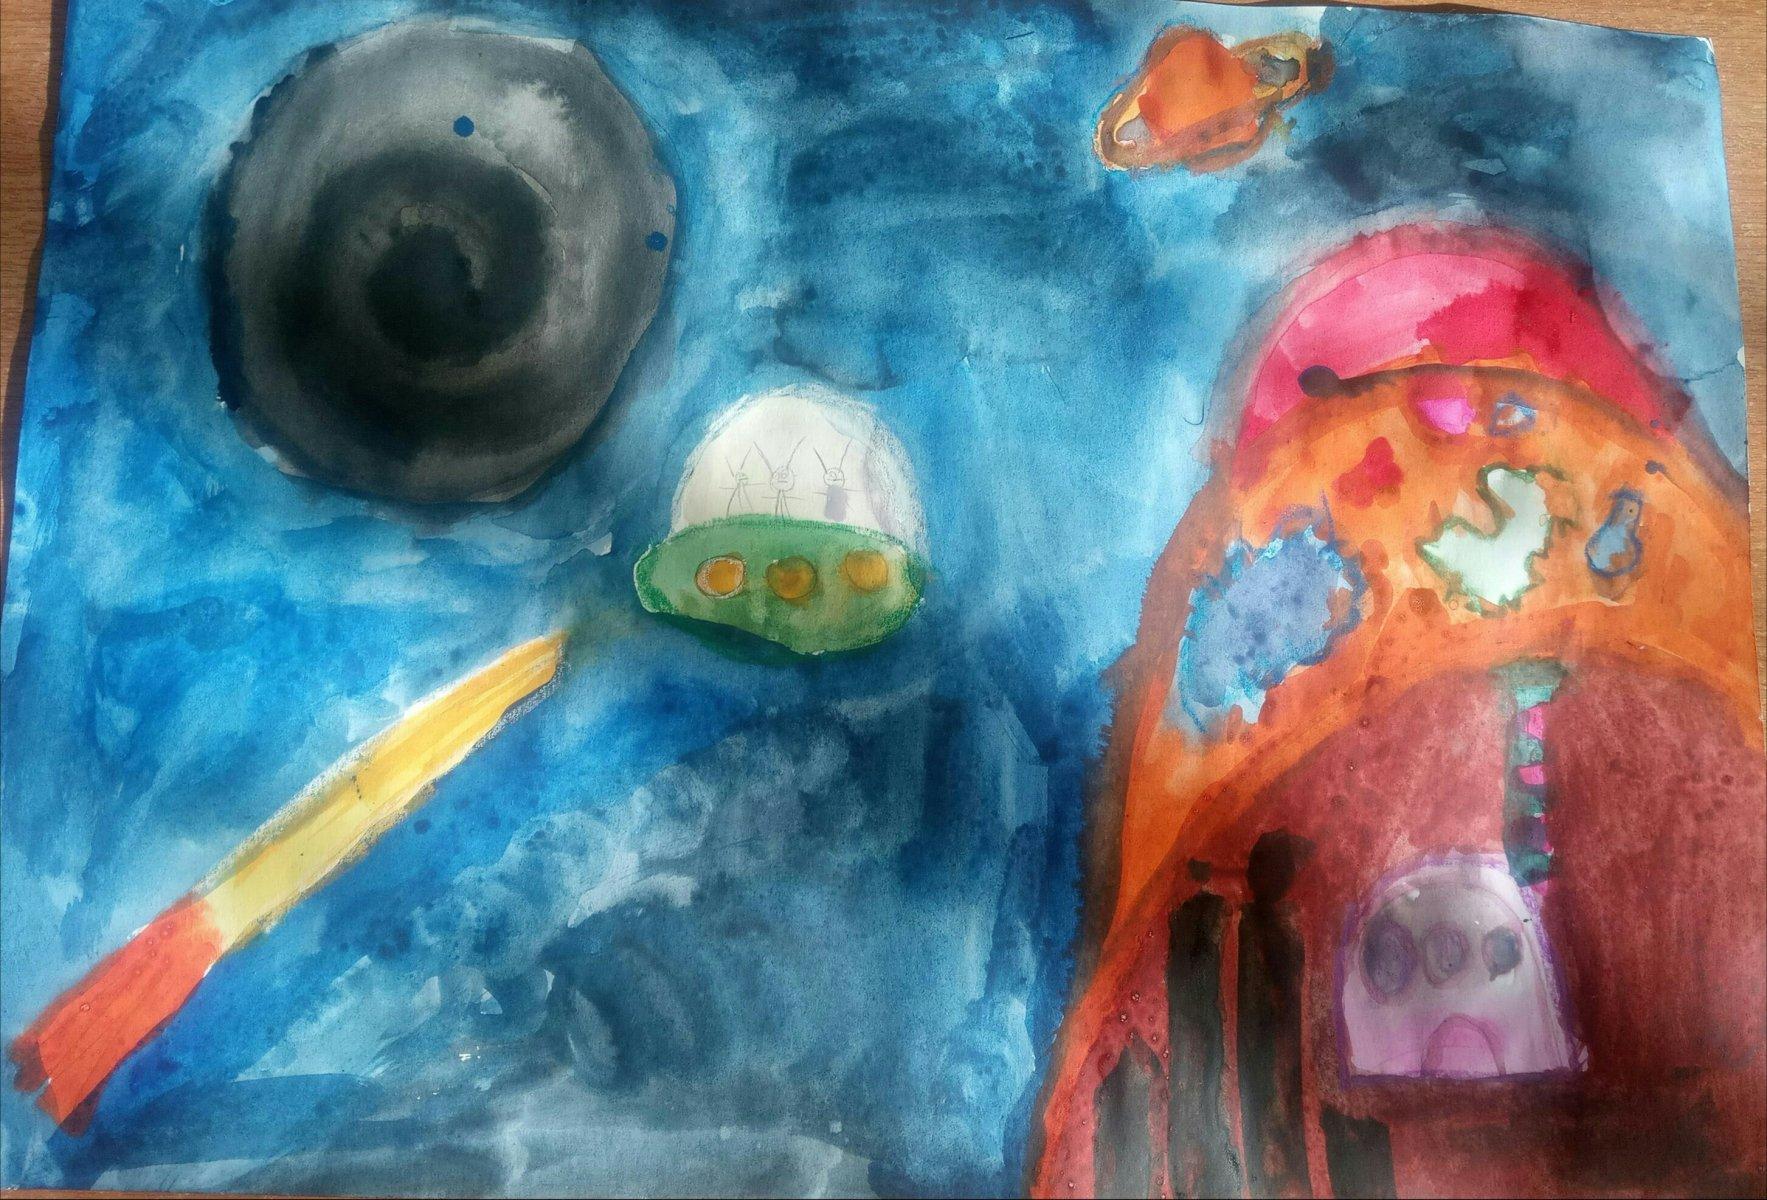 Сюкрева Мария, 6 лет. В гости к бабушке на Сатурн